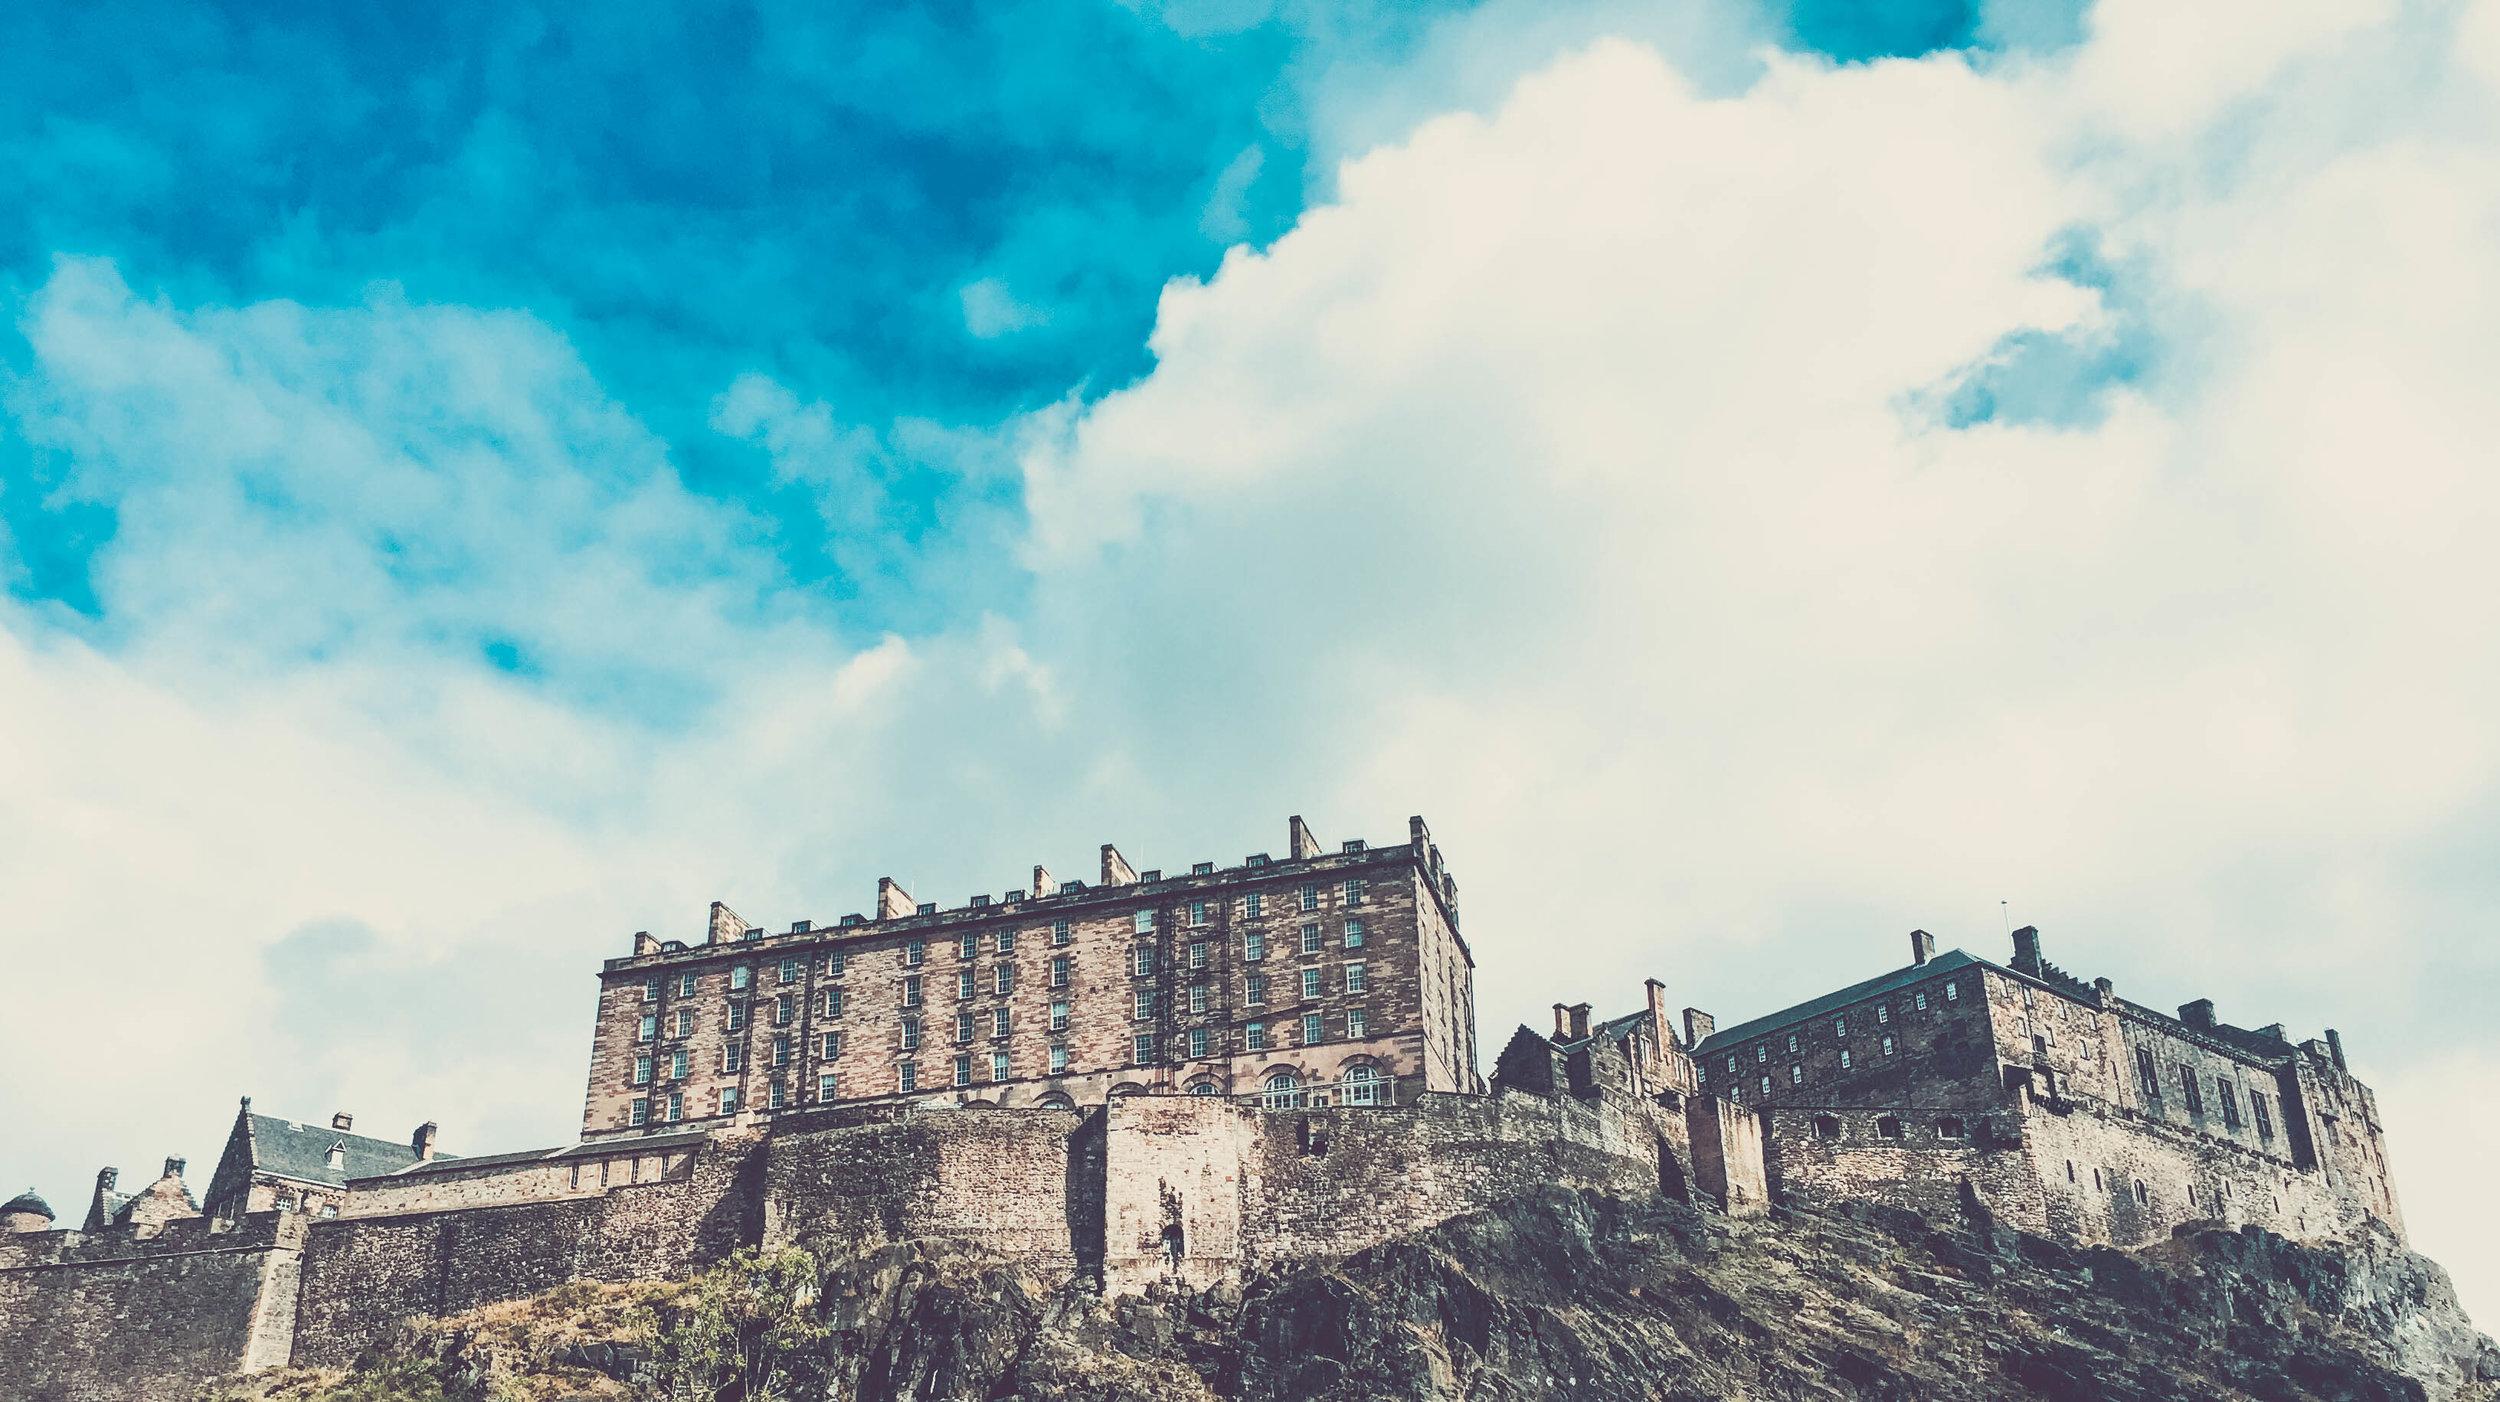 Edinburgh castle from the bottom